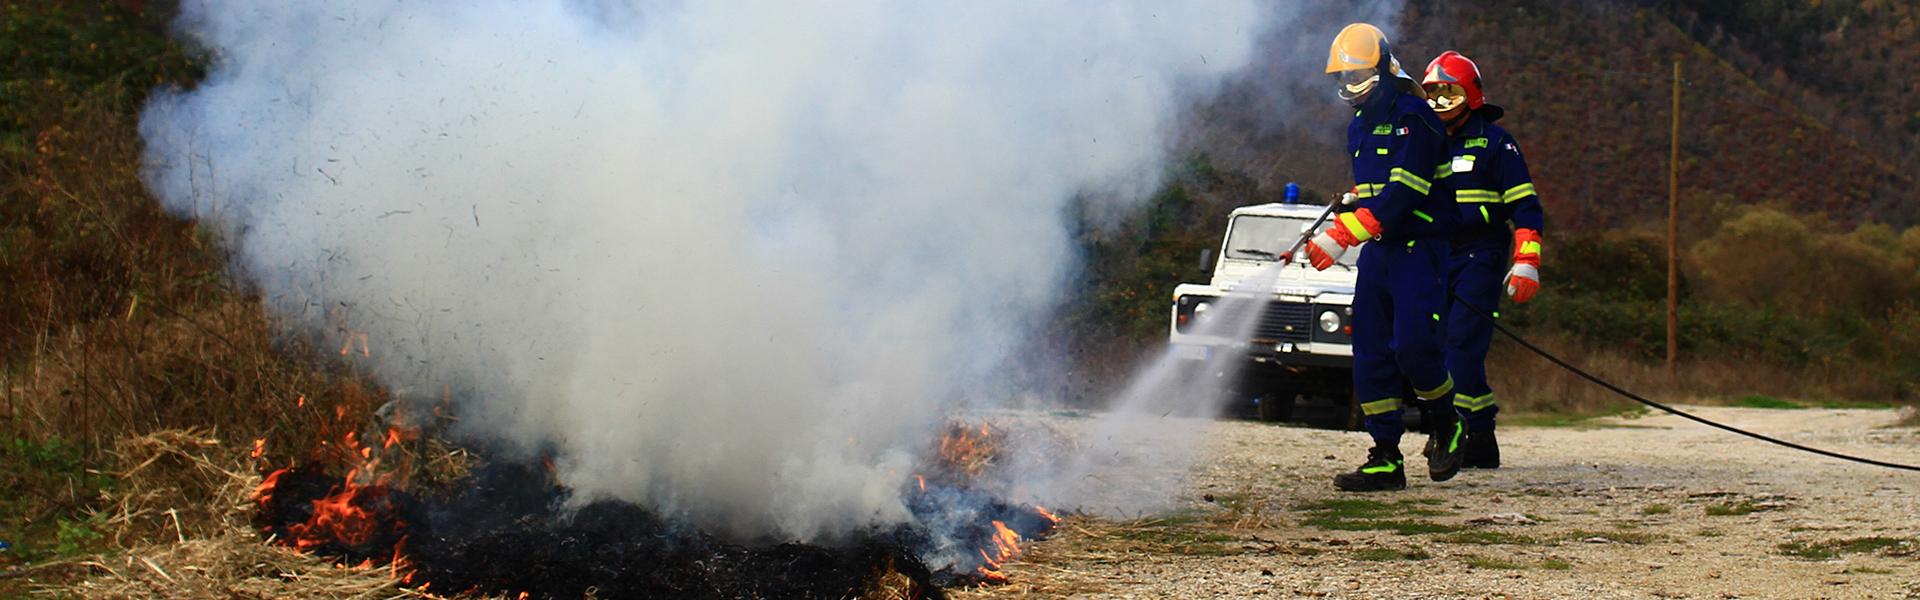 Attività antincendio e prevenzione